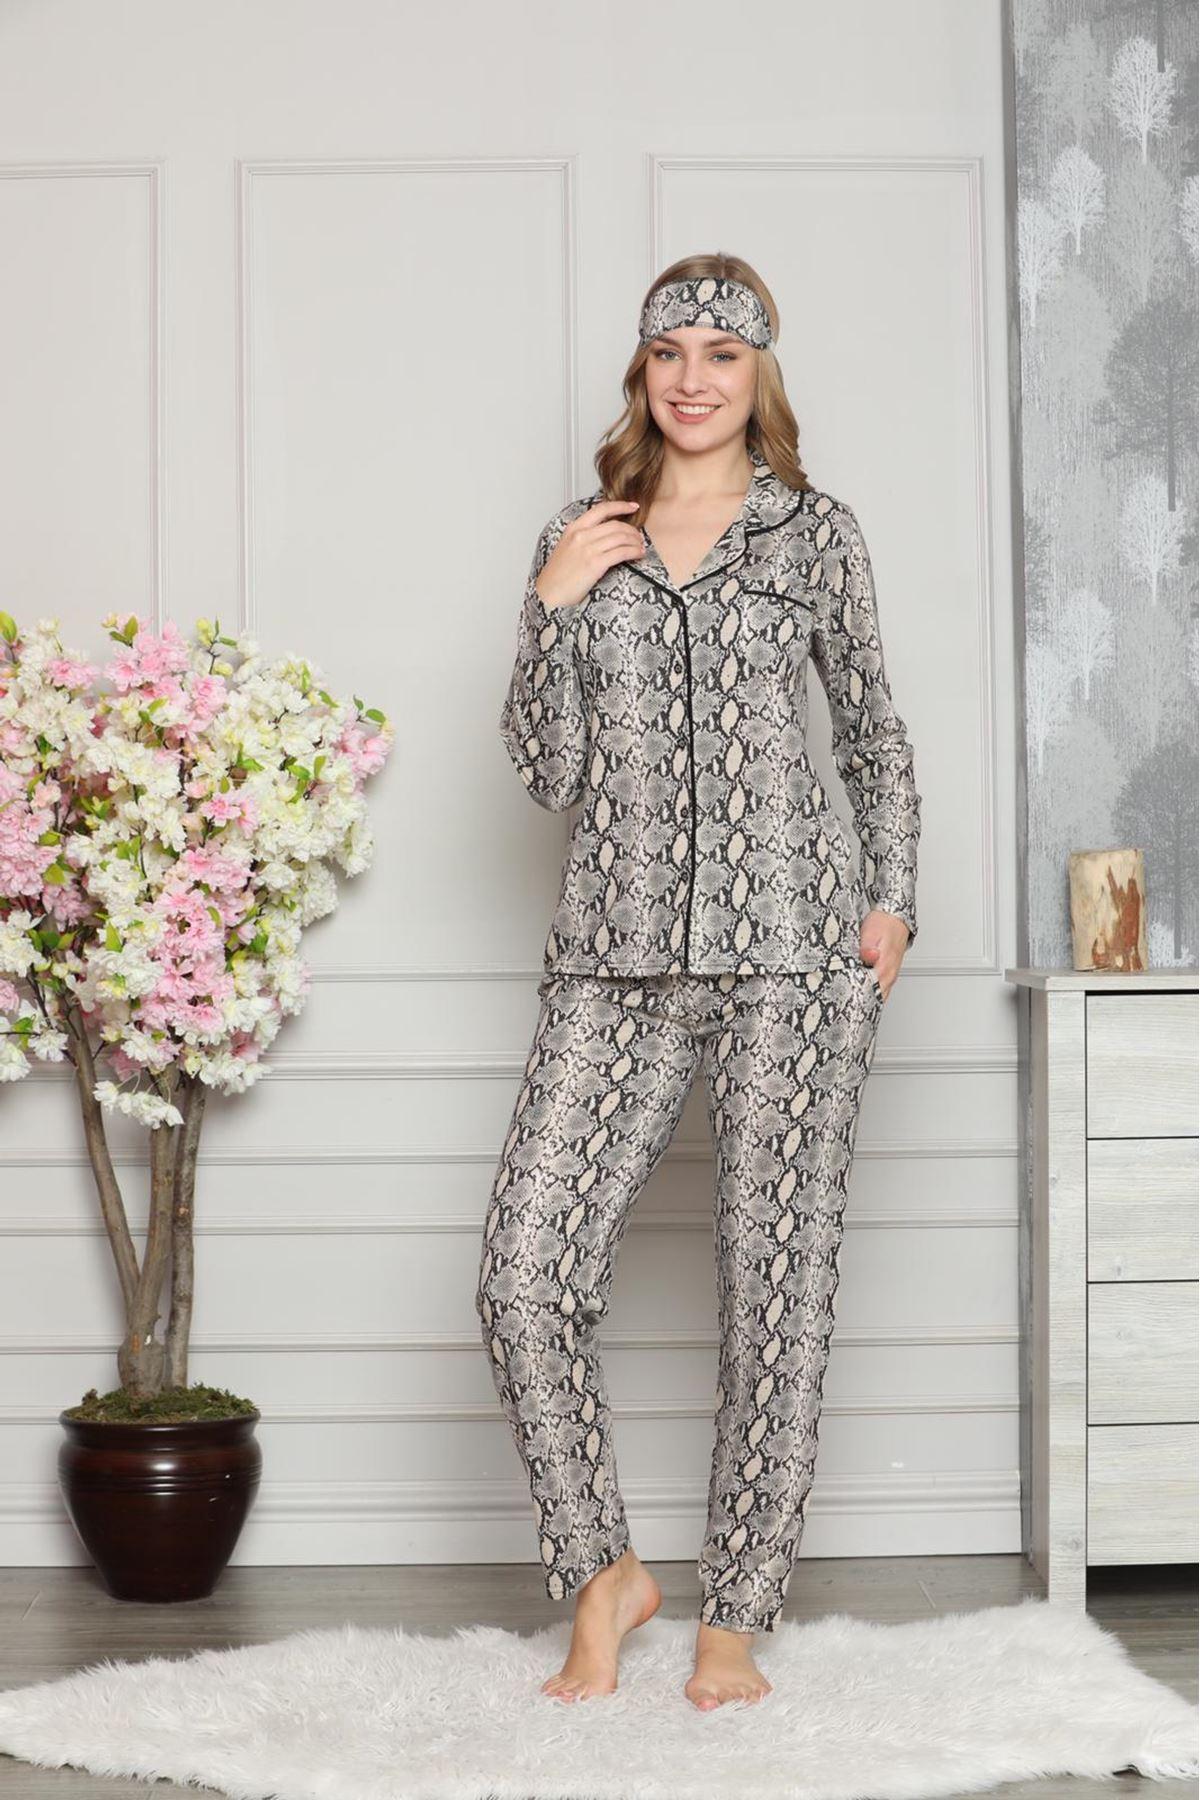 Kadın Yılan Derisi Desenli Pamuk Dokuma Uzun Kollu Pijama Takımı 8D-20506